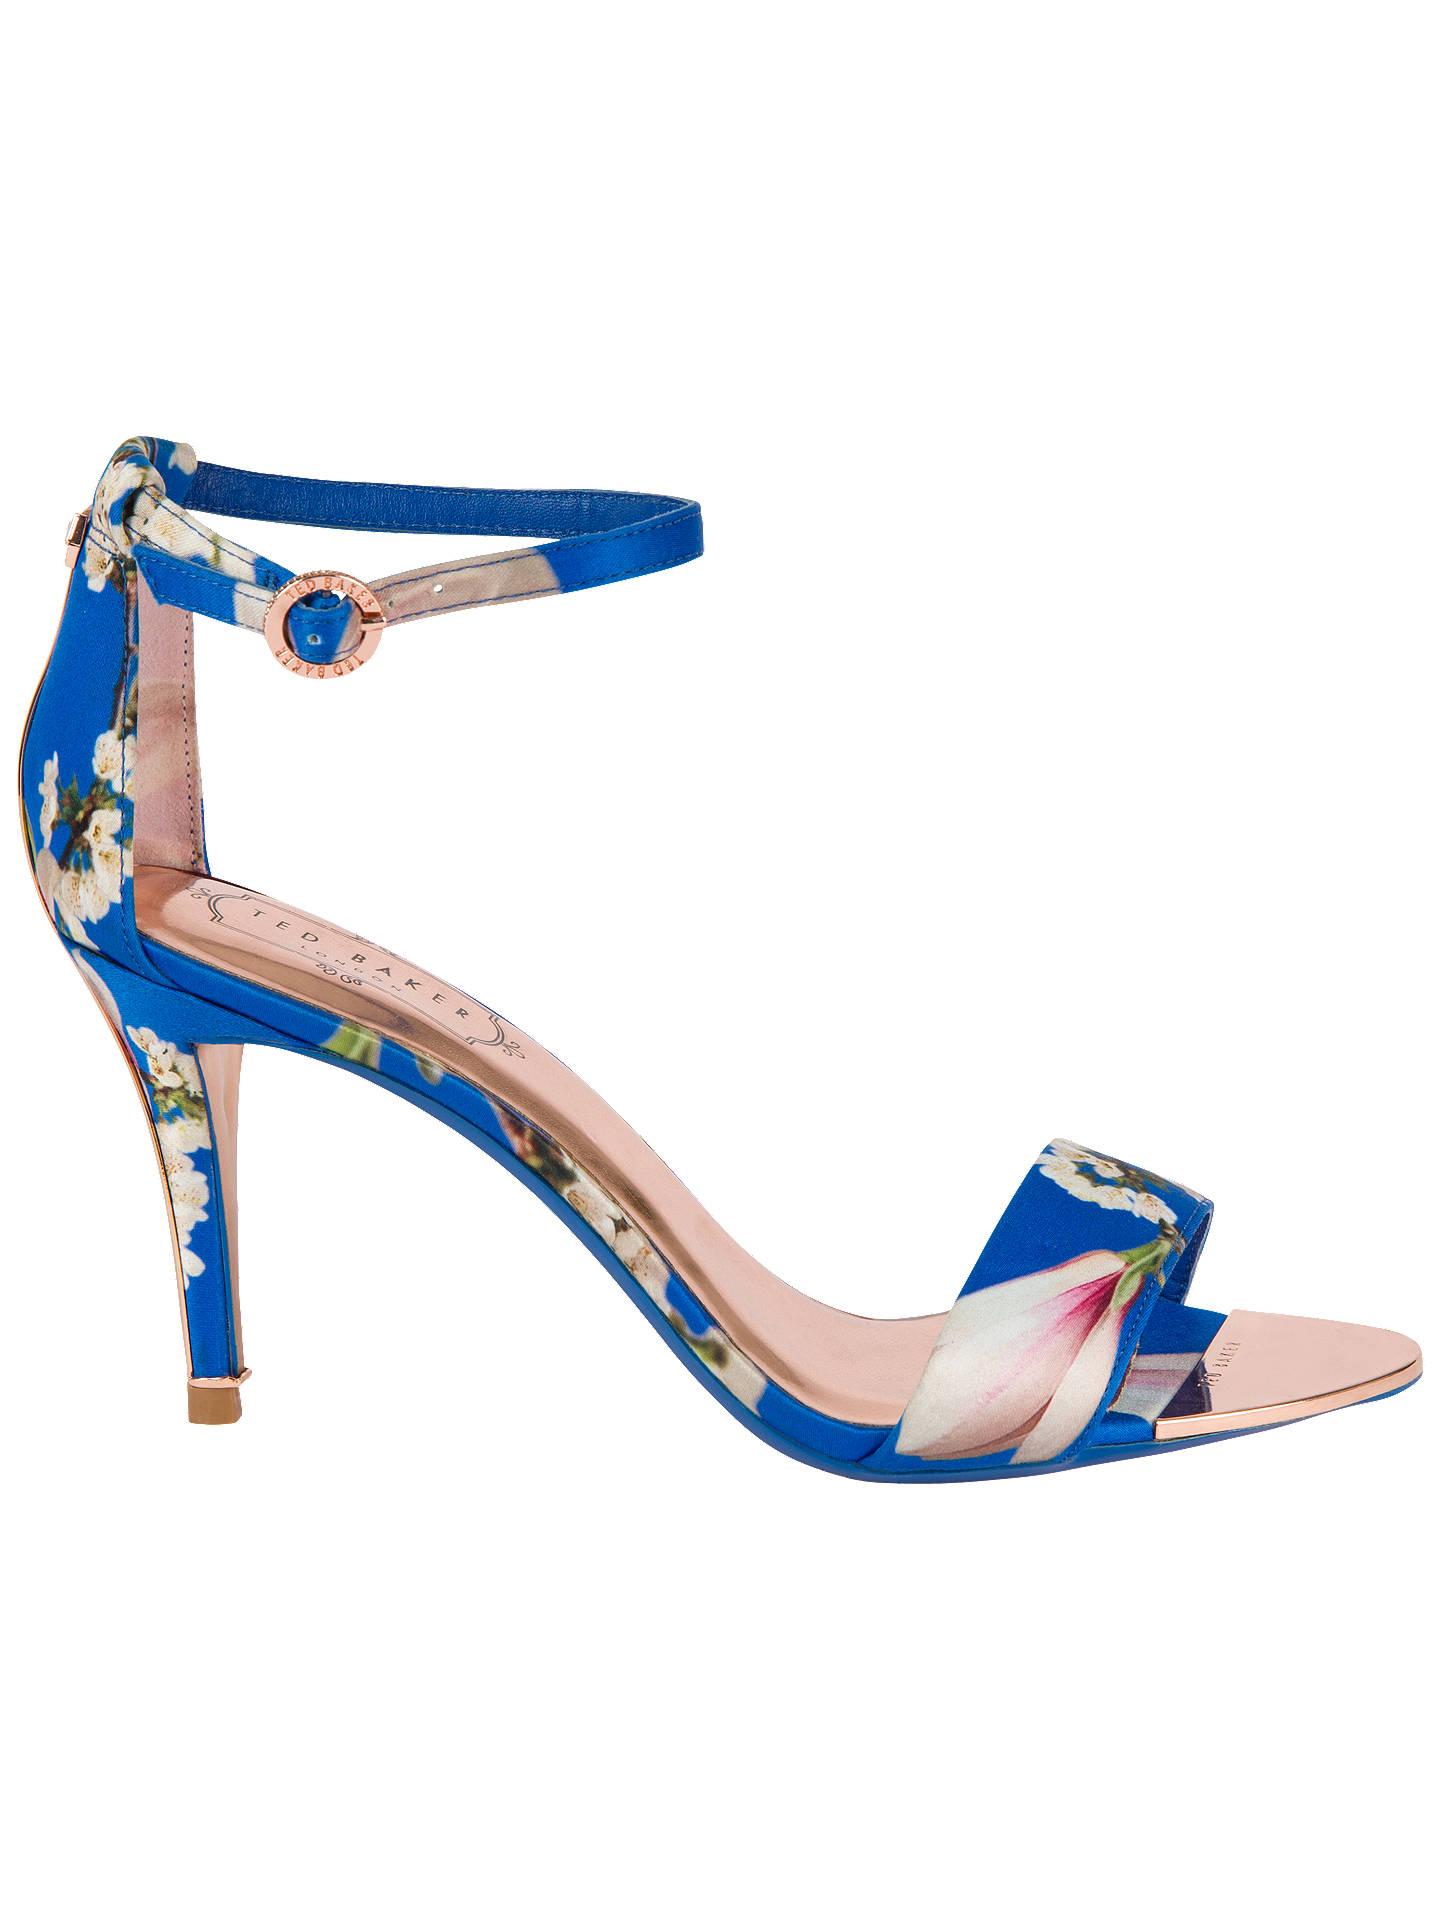 b64e7ca111c291 Buy Ted Baker Mavbe Harmony Sandals